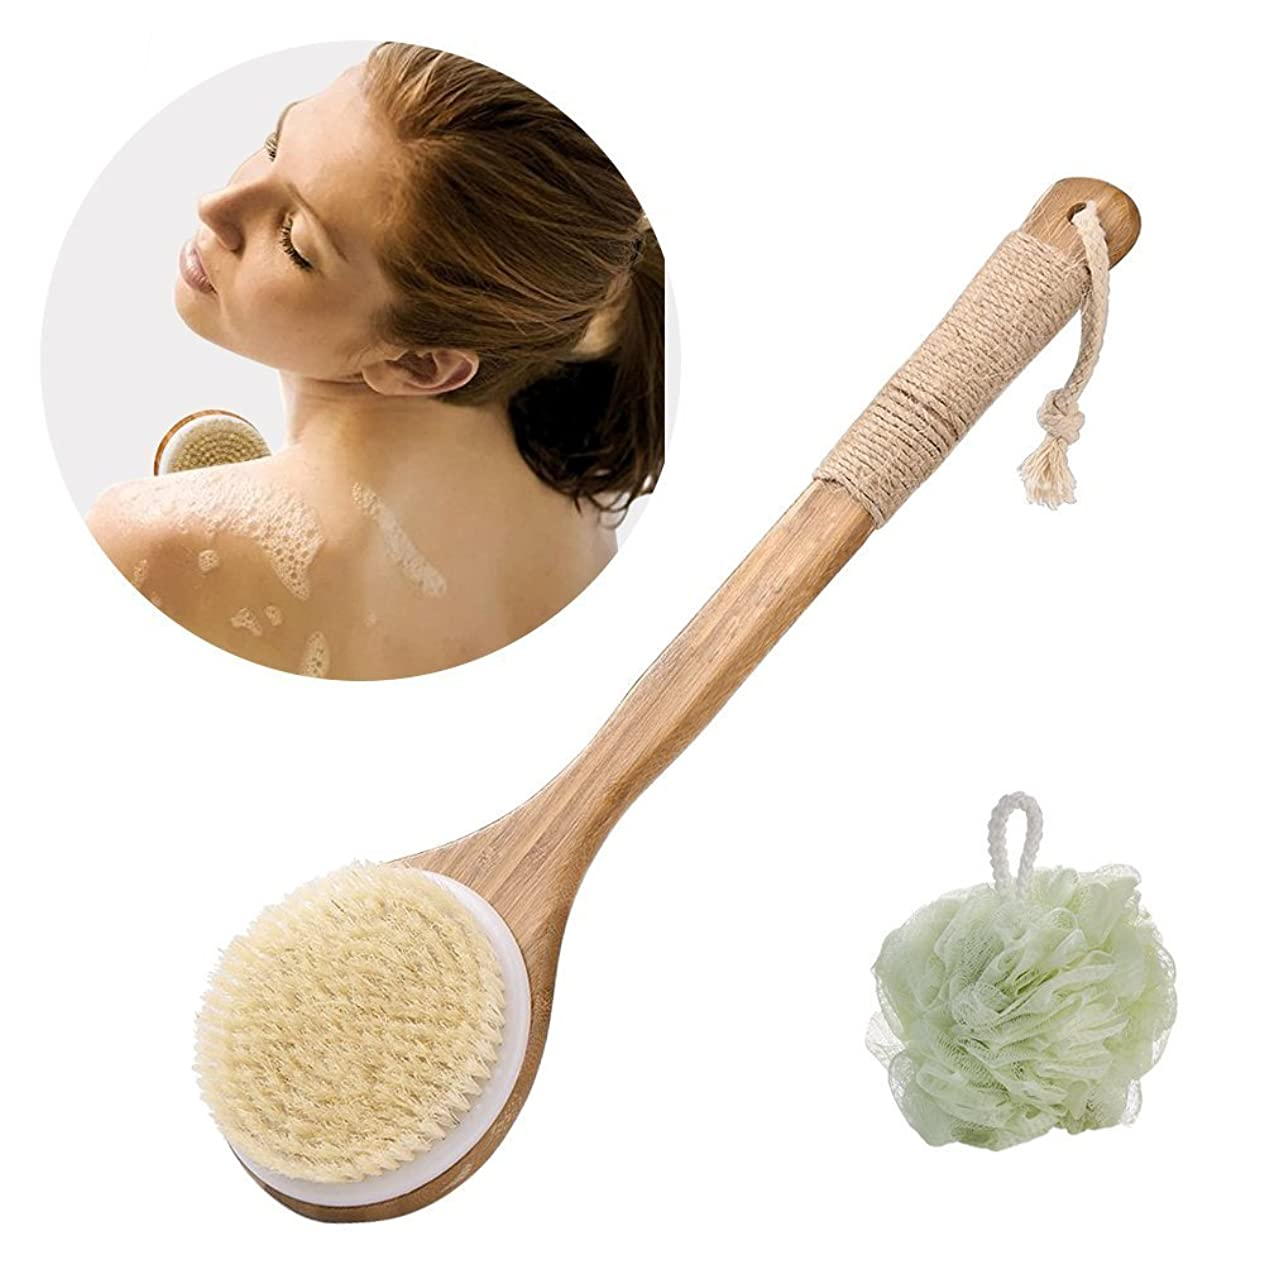 ベッツィトロットウッド改修するマットレスボディブラシ天然豚毛100% KUXIEN 2個セット バスボール 全身マッサージ天然材 お風呂グッズ 毛穴洗浄/血行促進/角質除去 竹製長柄 美肌効果 背中